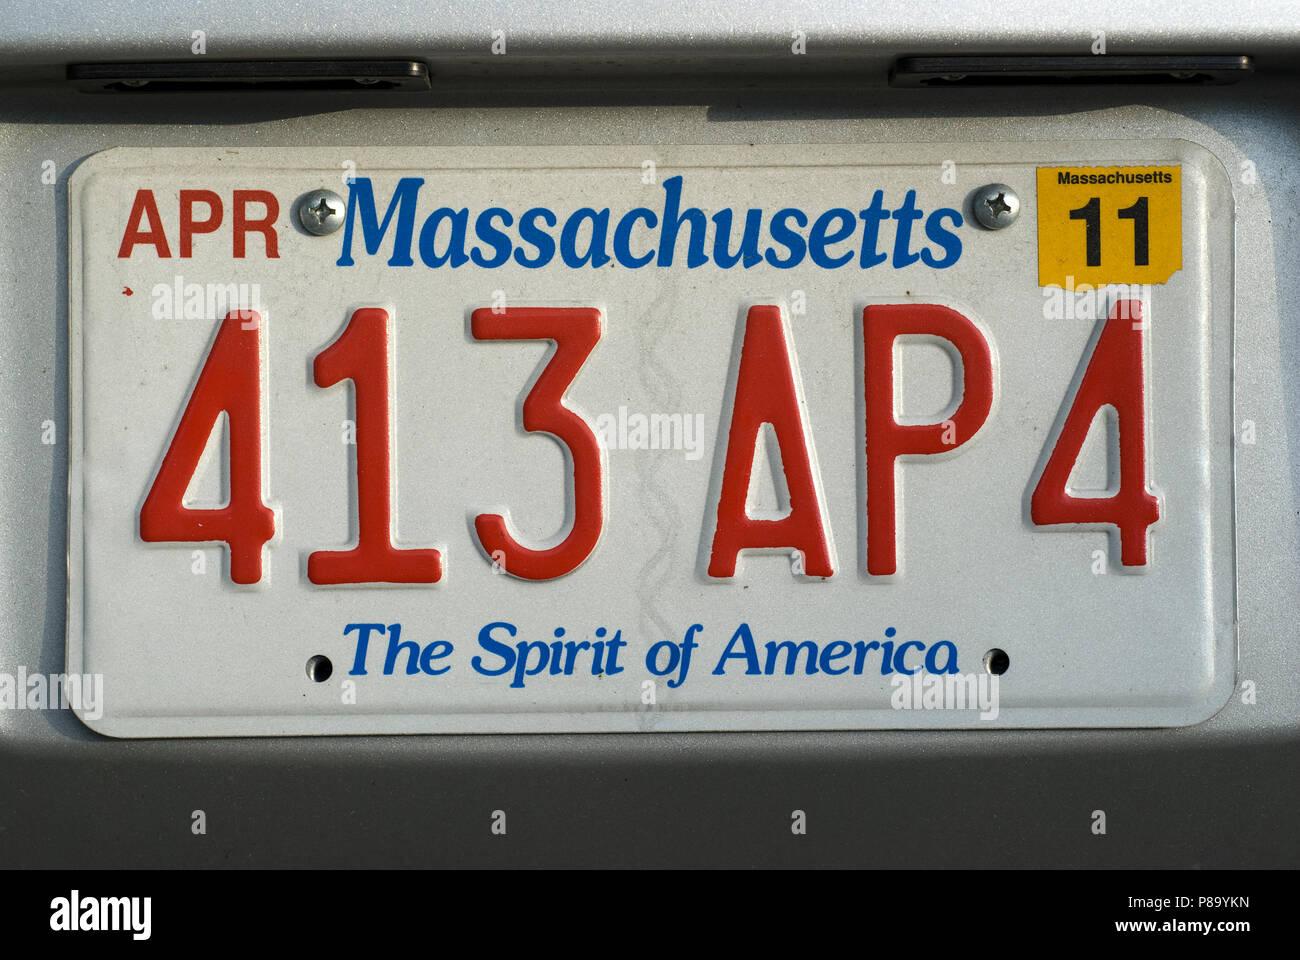 Massachusetts The Spirit of America License Plate Birdhouse